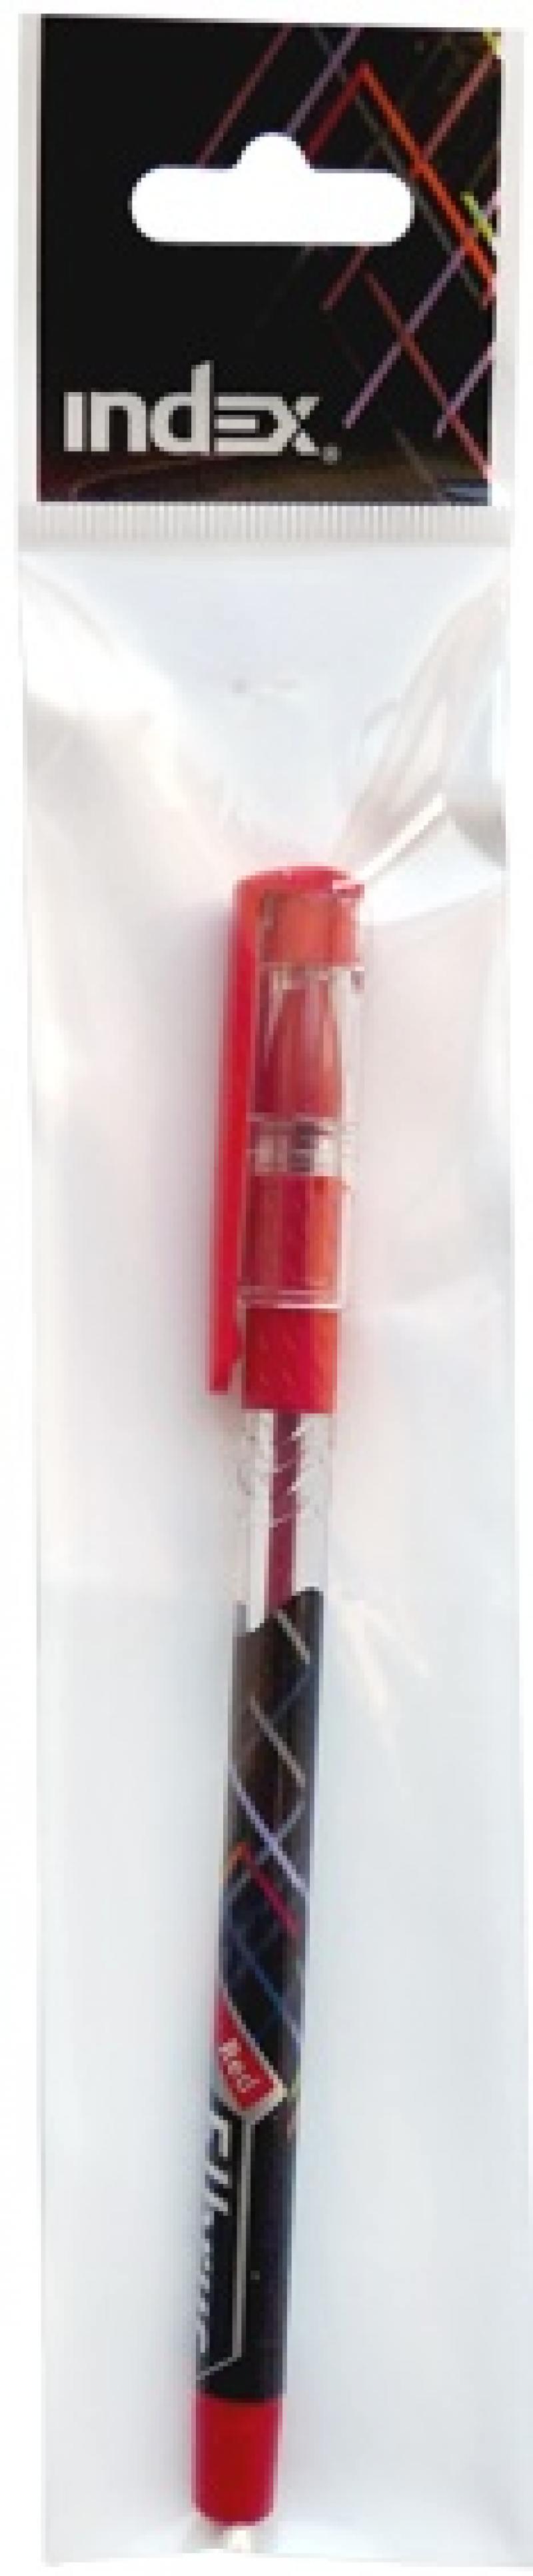 Шариковая ручка Index Elbrus красный 0.5 мм IBP317/RD IBP317/RD шариковая ручка index ontake красный 0 7 мм ibp501 rd ibp501 rd